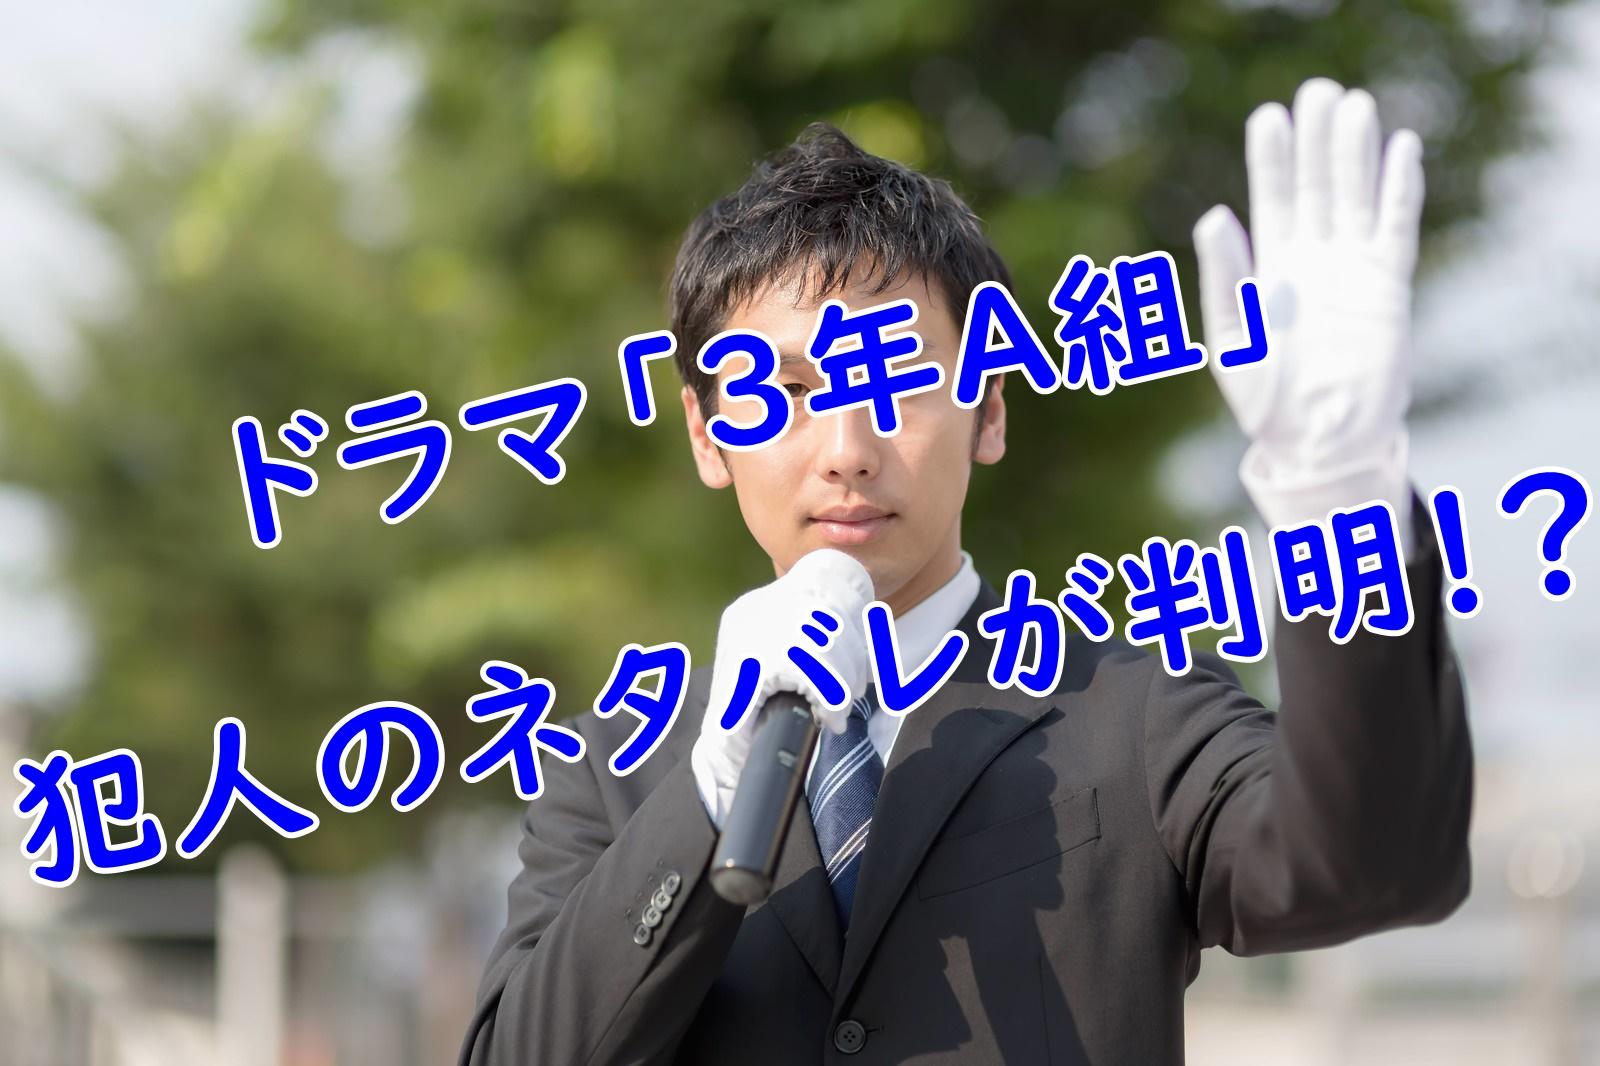 3年A組のドラマのネタバレ!犯人が判明・・・!?